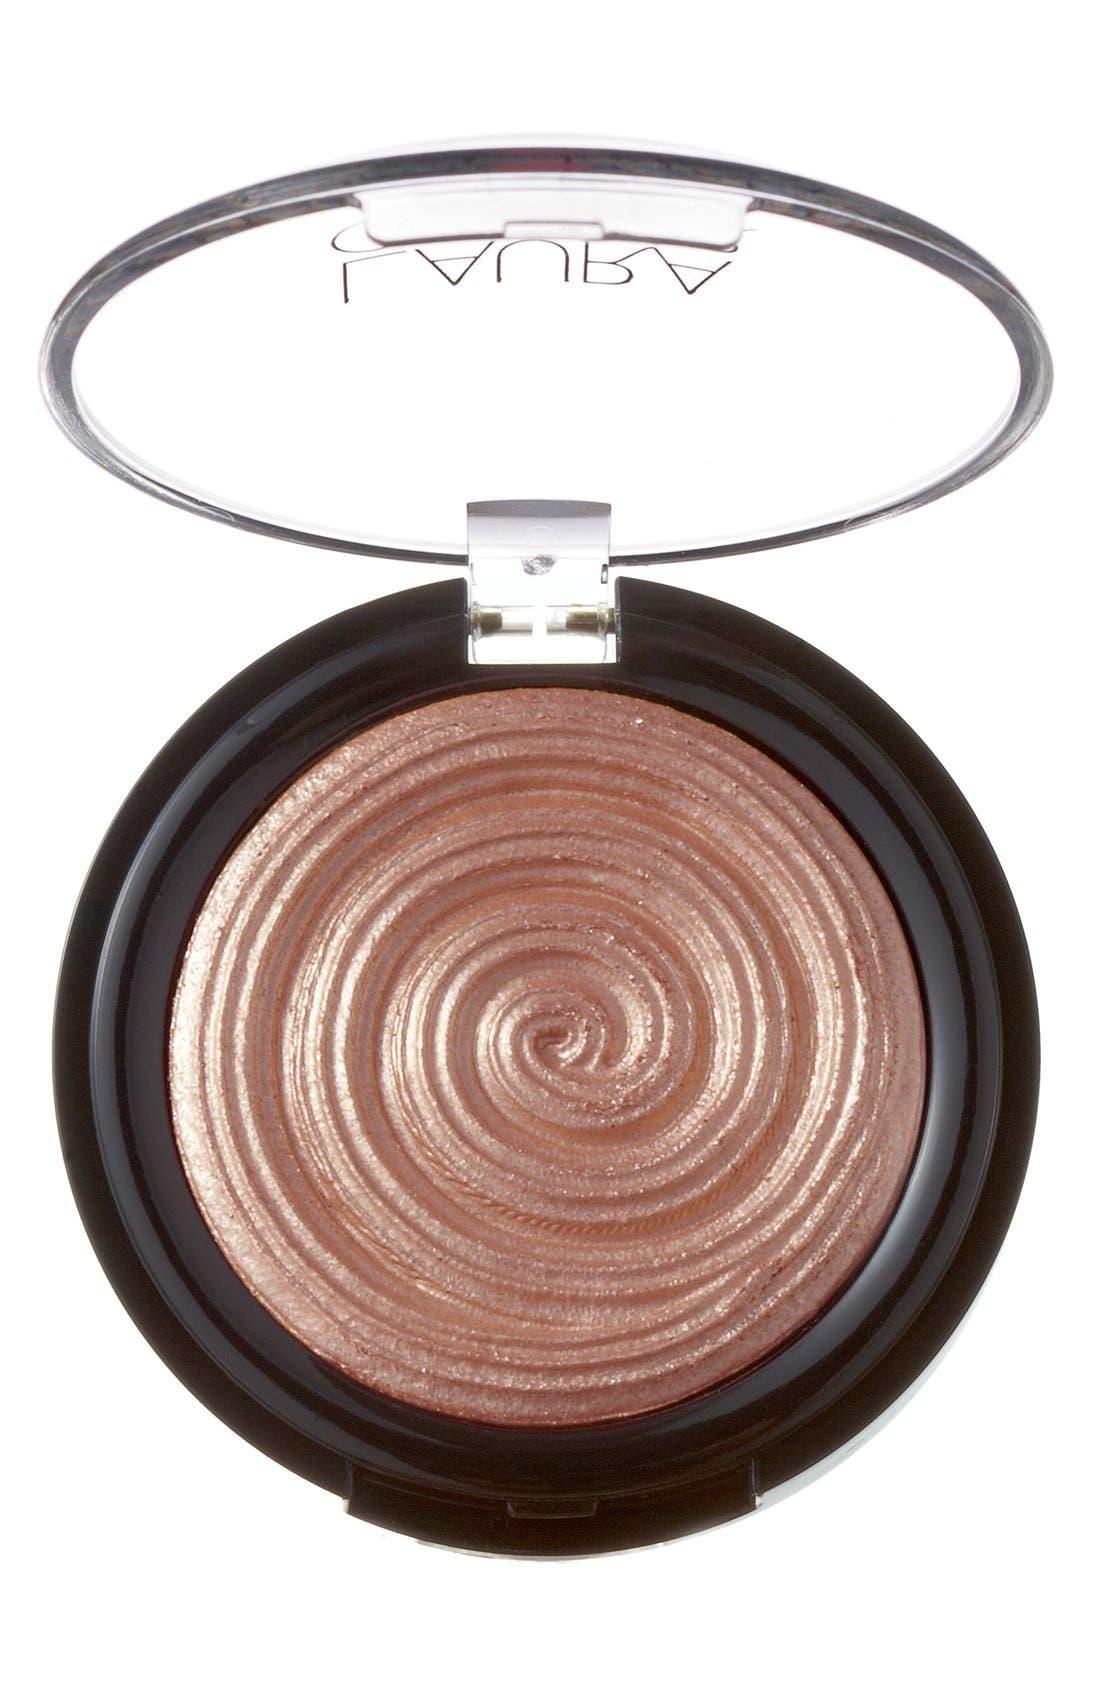 Baked Gelato Swirl Illuminator,                         Main,                         color, BALLERINA